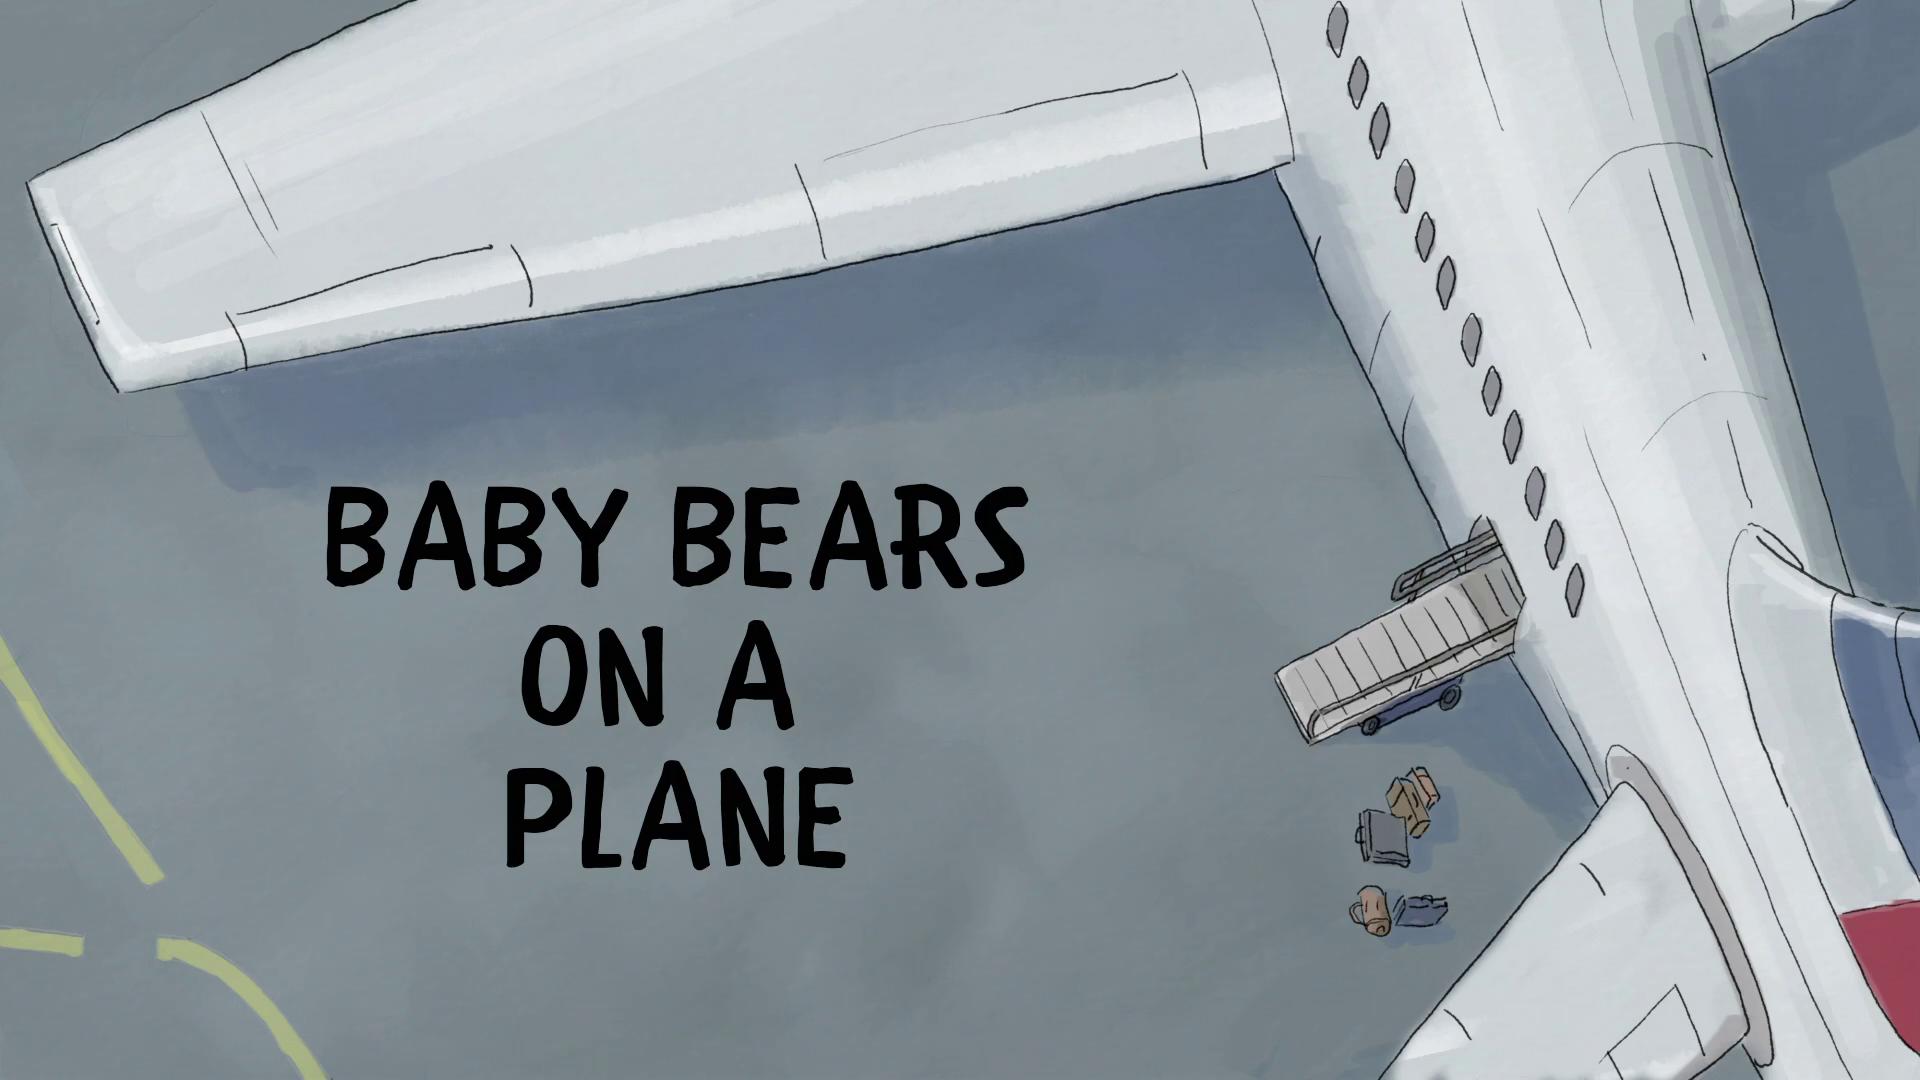 Ursos sem Curso - Ursos Bebês no Avião